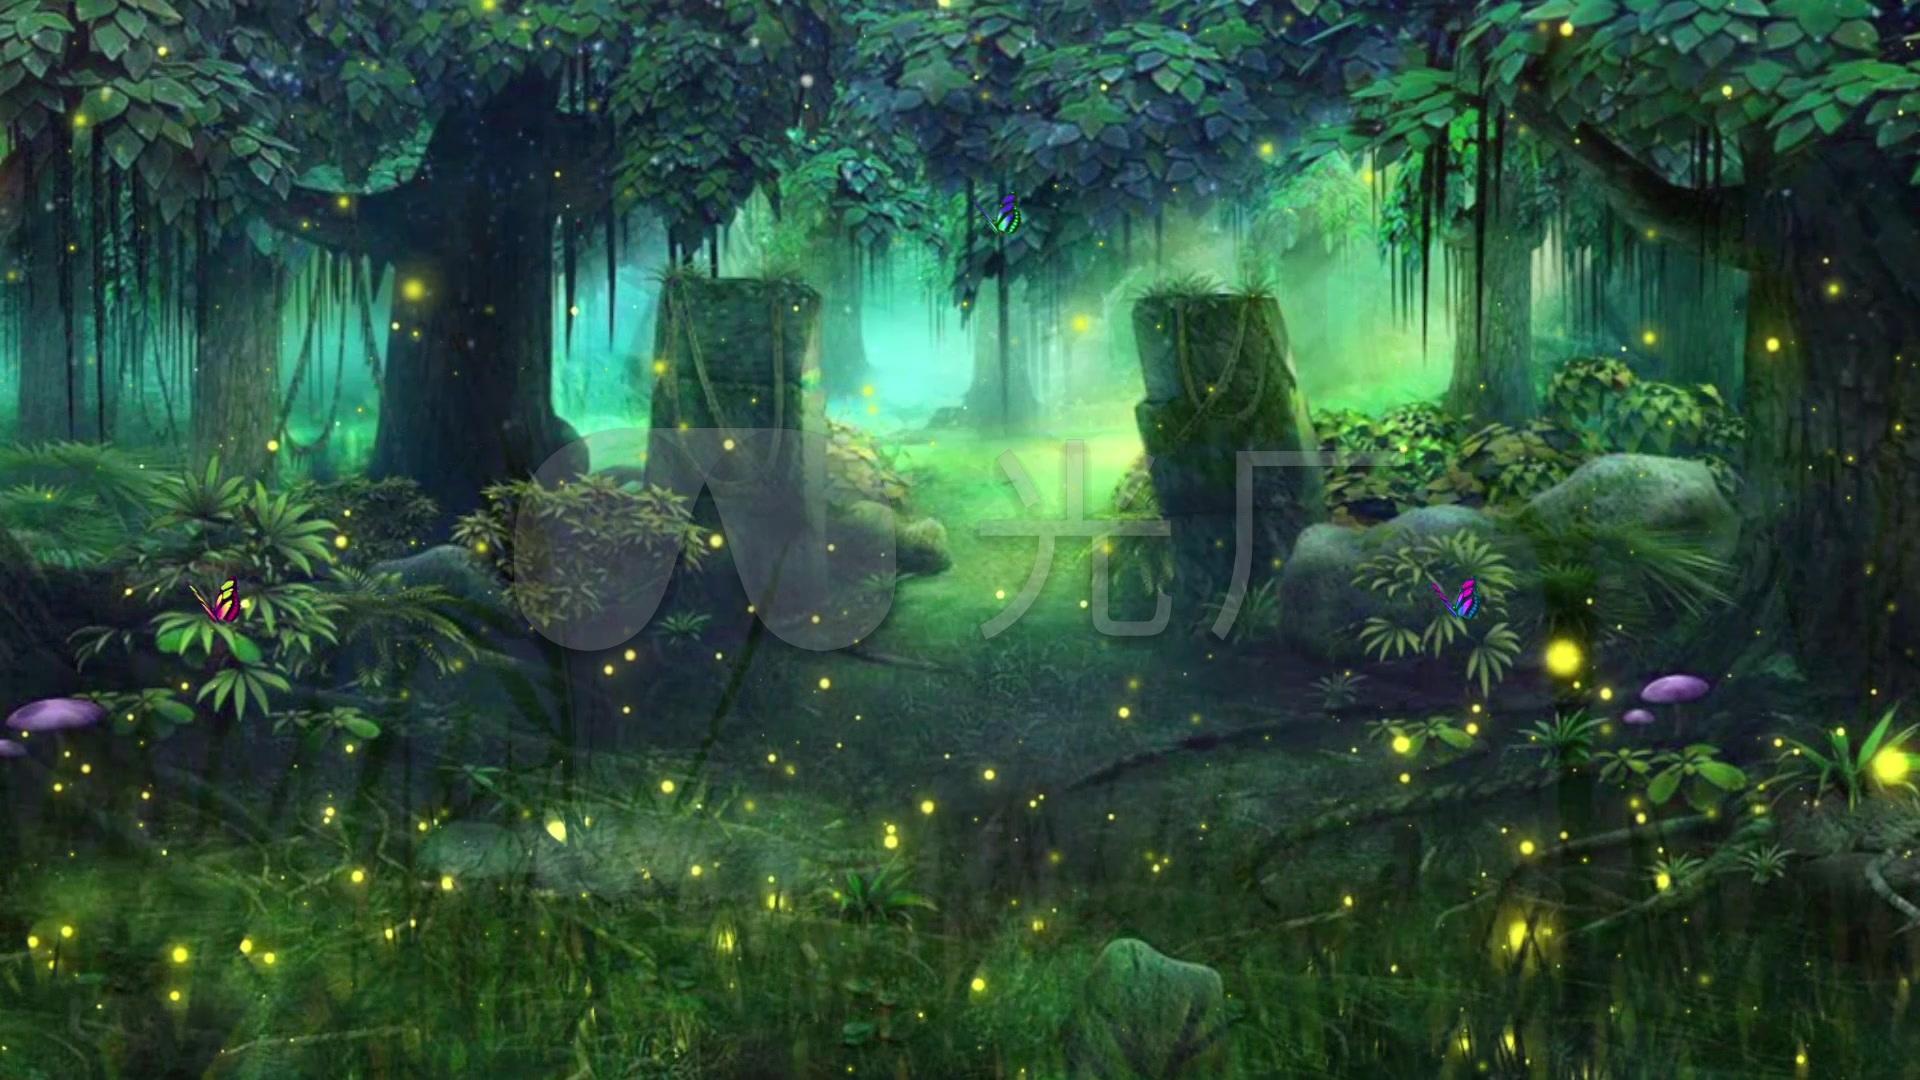 唯美绿色童话森林蝴蝶萤火虫led背景视频图片